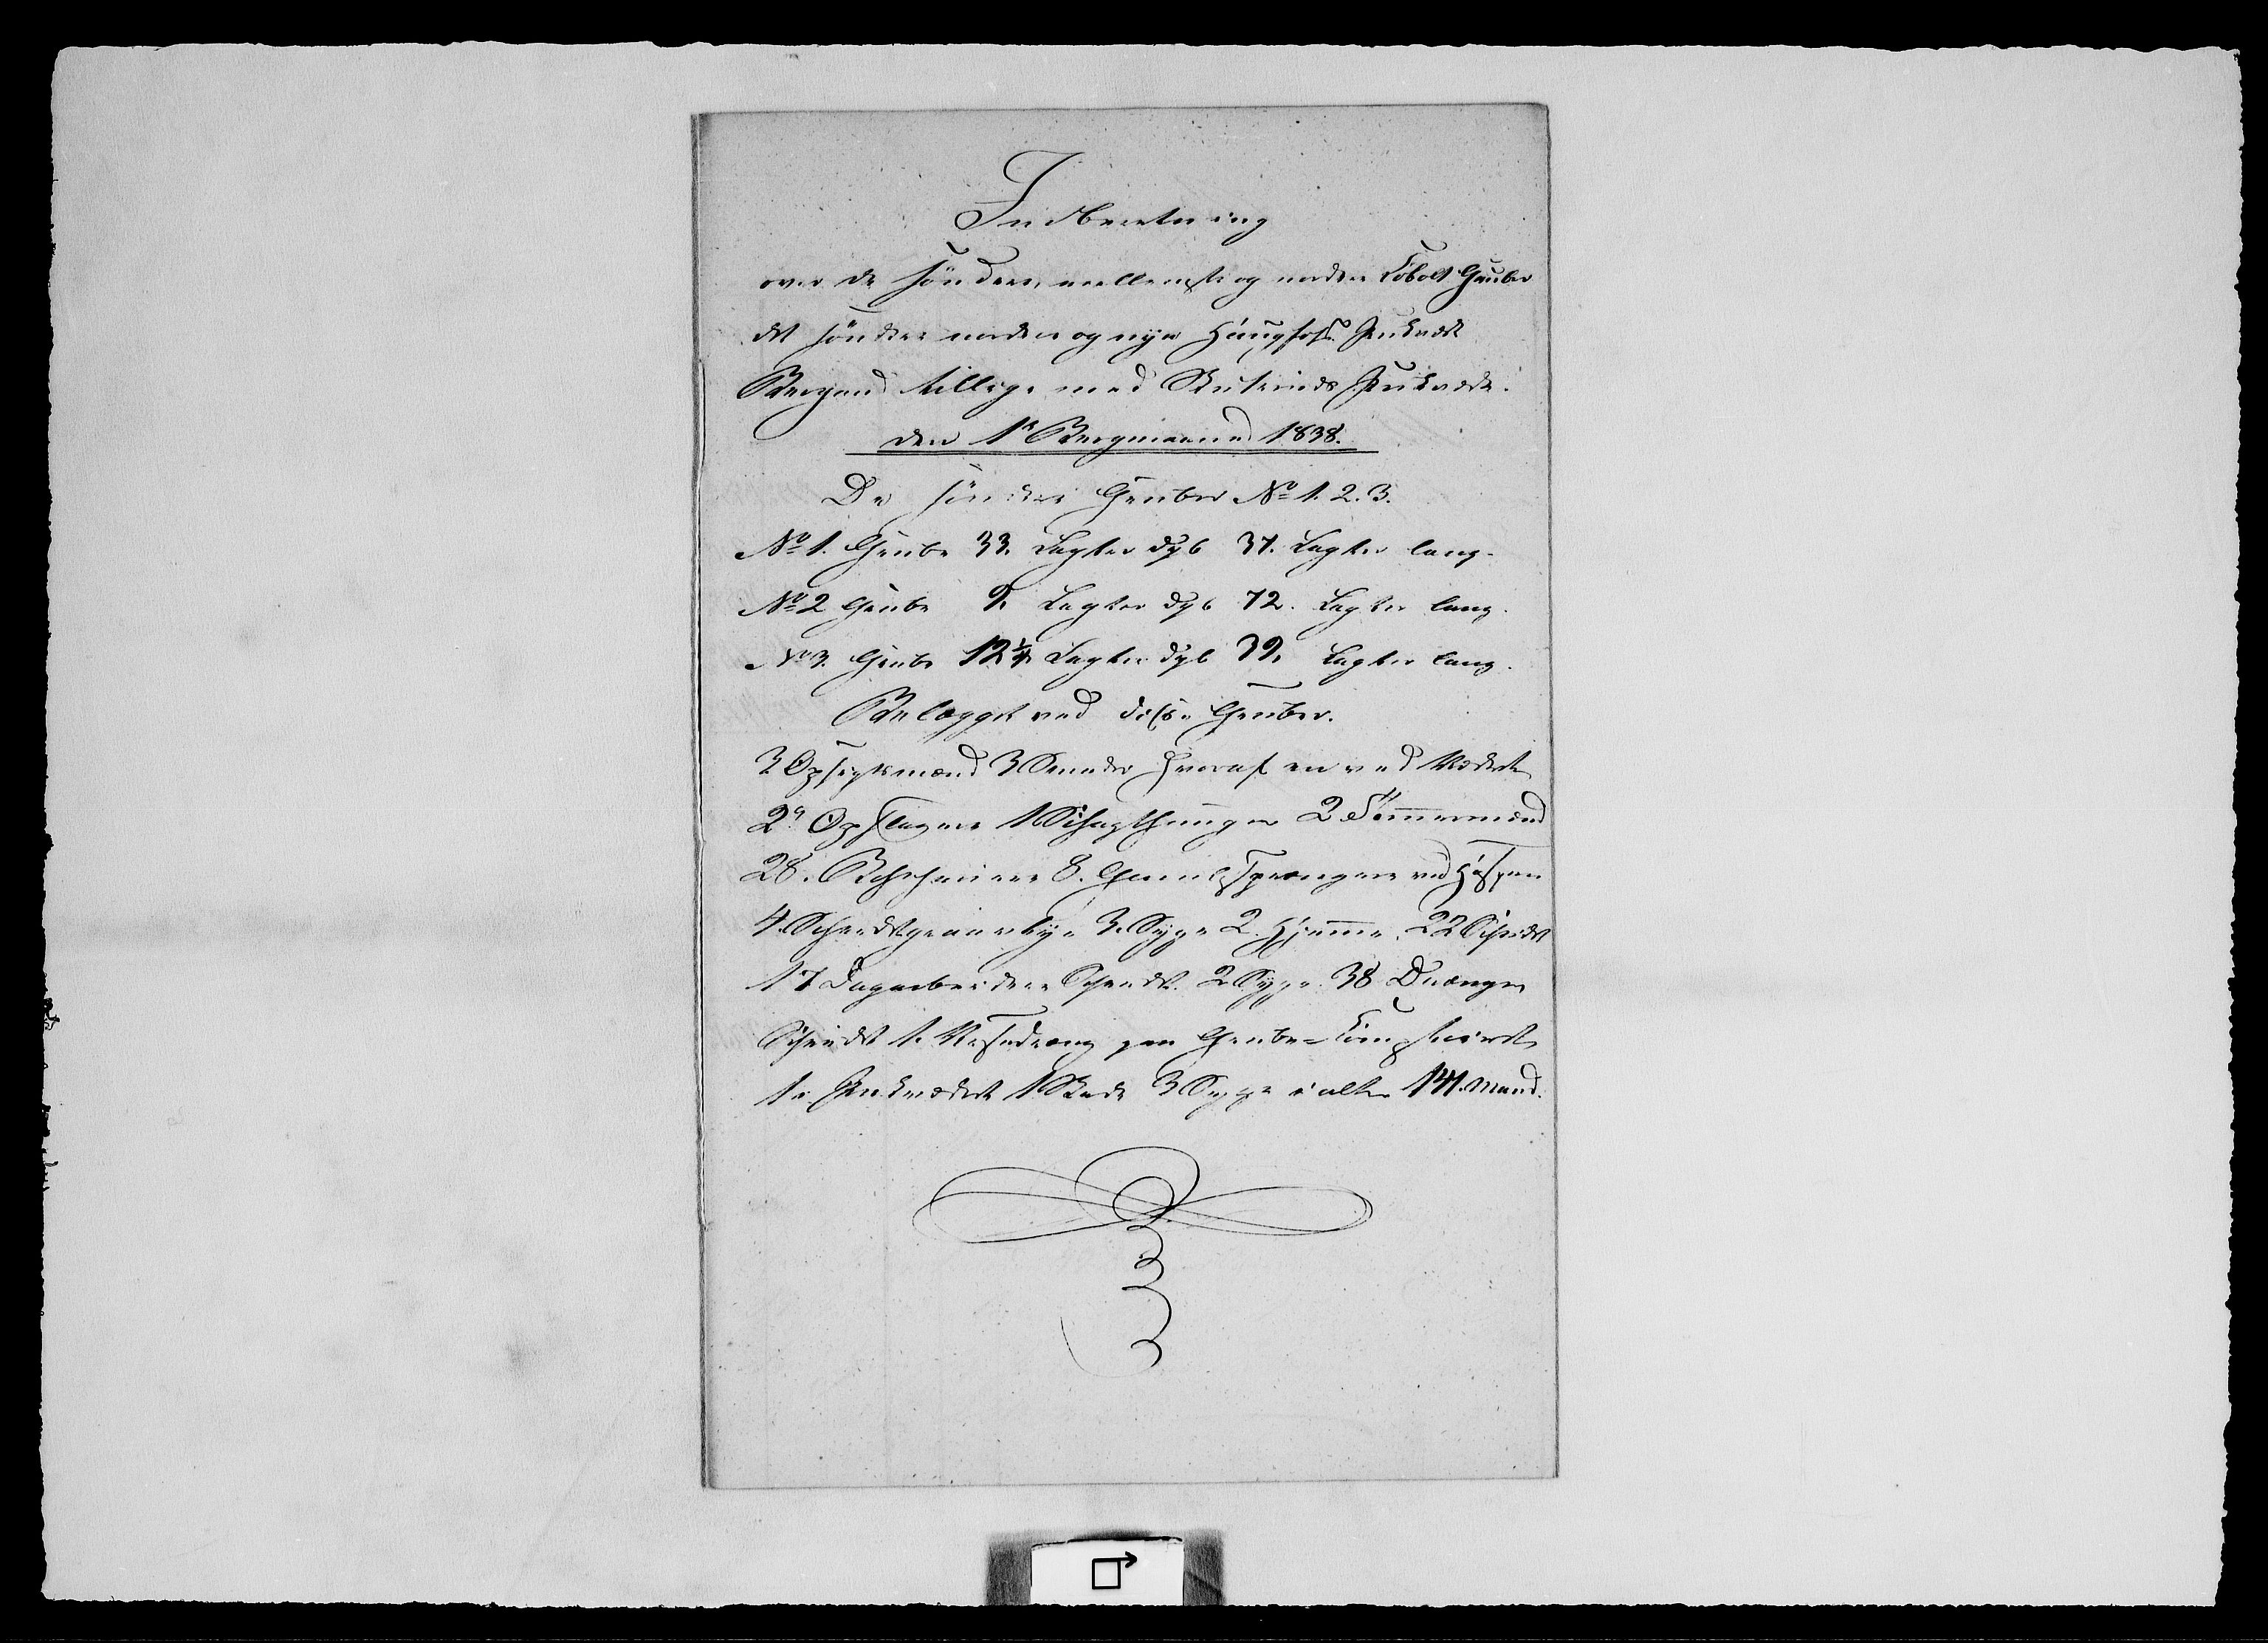 RA, Modums Blaafarveværk, G/Ge/L0317, 1838-1848, s. 2